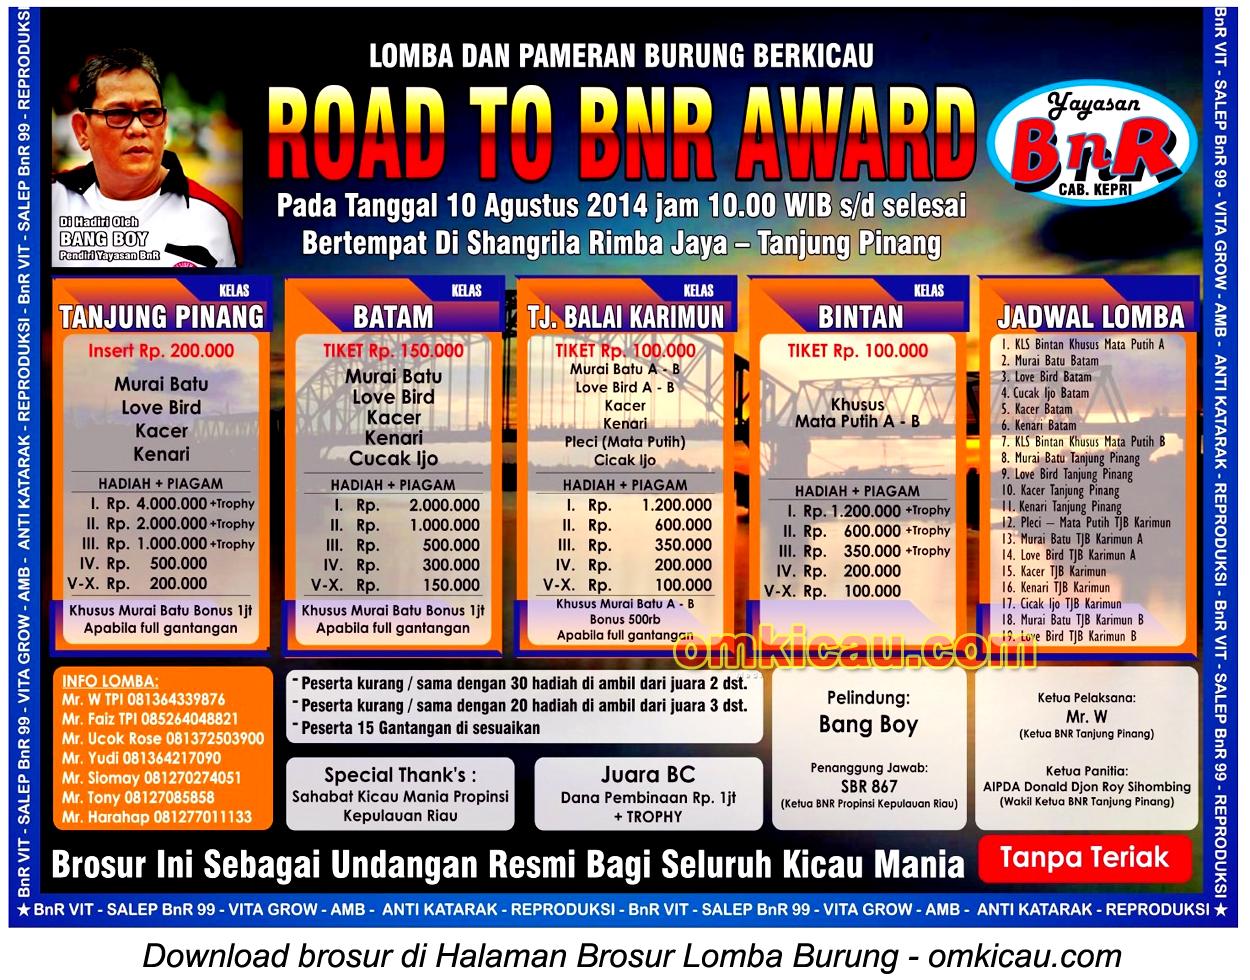 Brosur Lomba Burung Berkicau Road to BnR Award, Tanjungpinang, 10 Agustus 2014